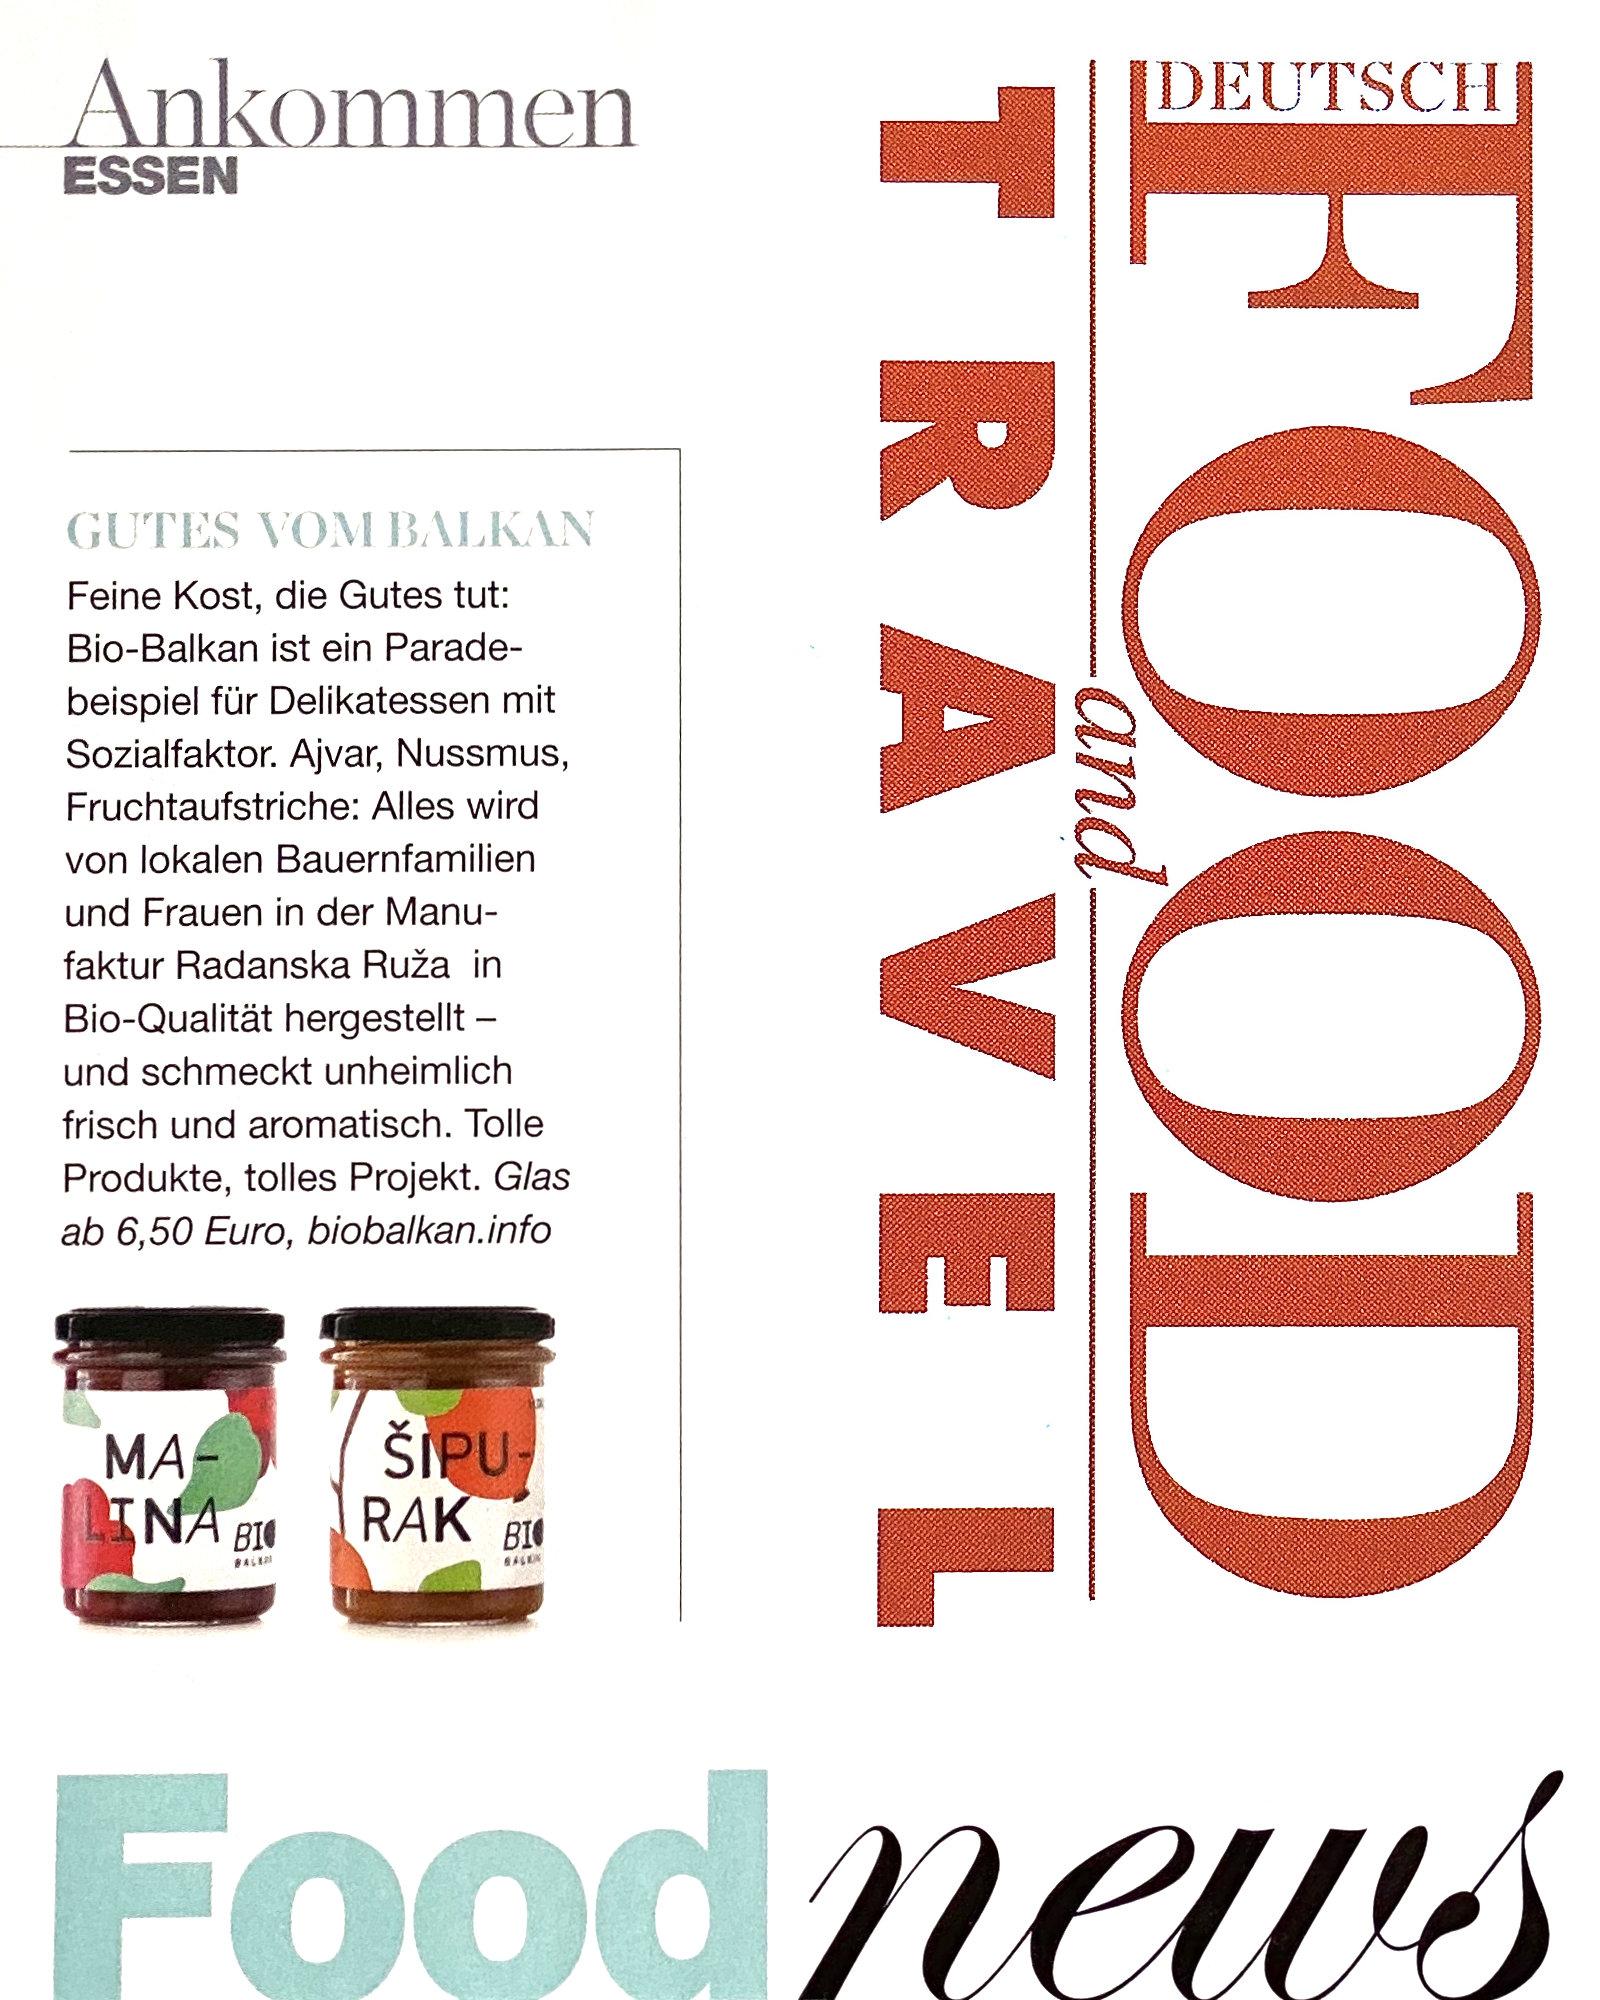 Bericht über BioBalkan im Magazin Food&Travel Deutschland